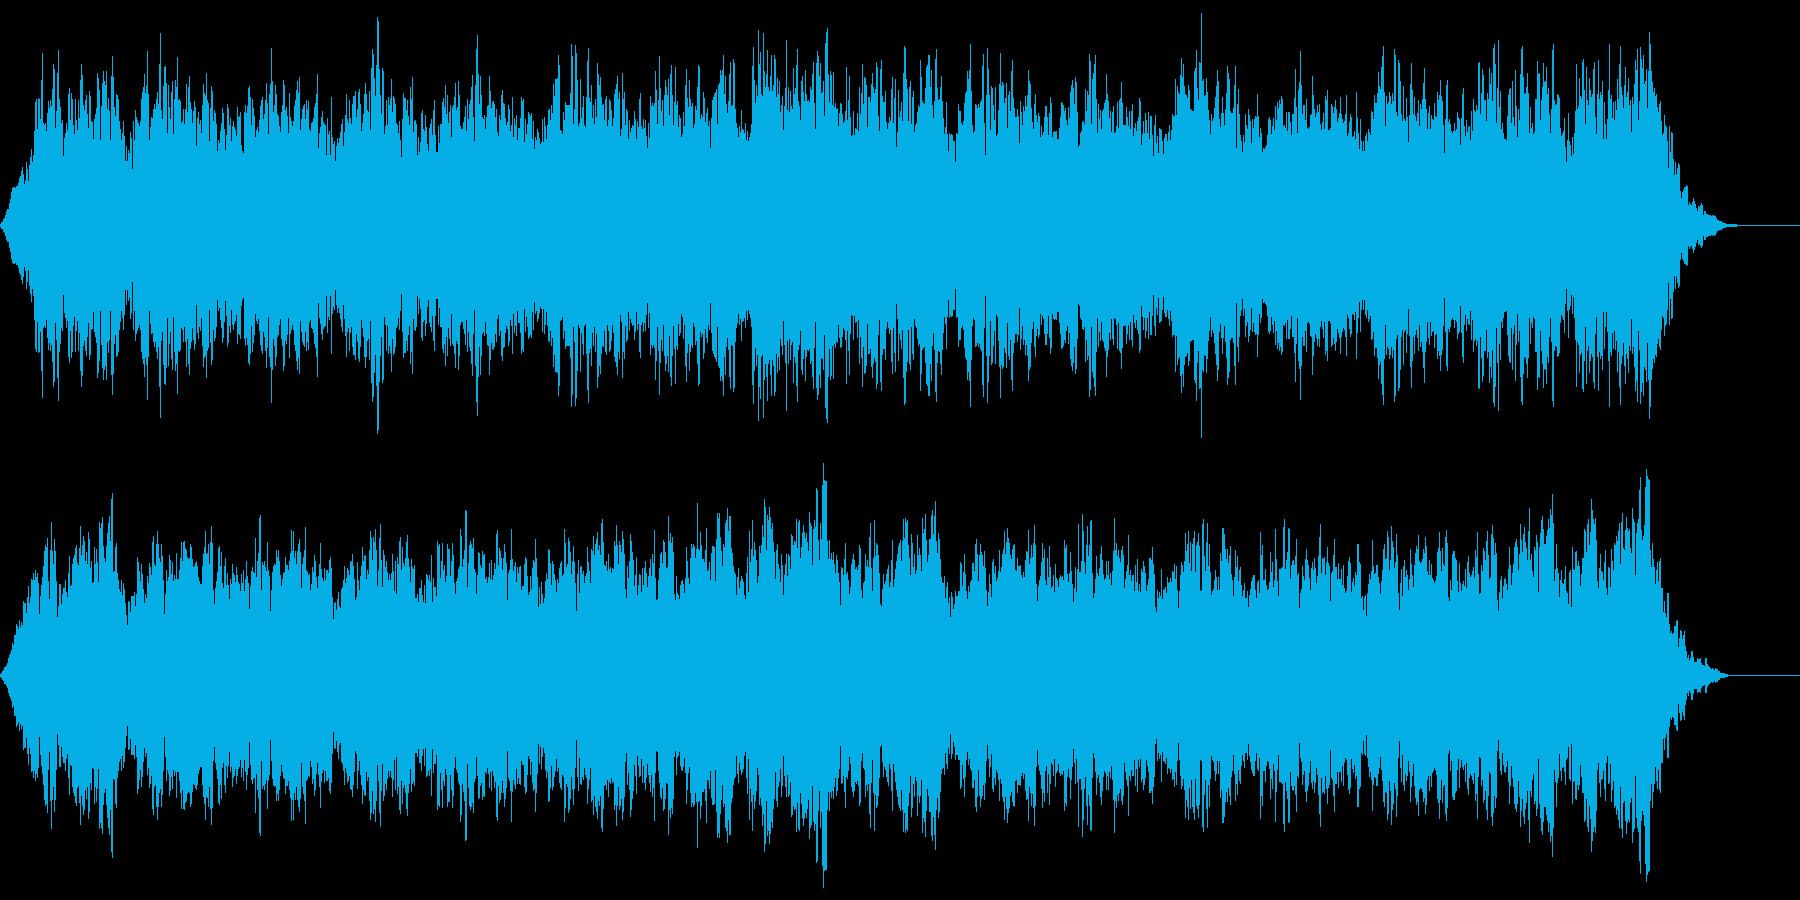 シンセパッドと鐘の音の静かな不気味ホラーの再生済みの波形